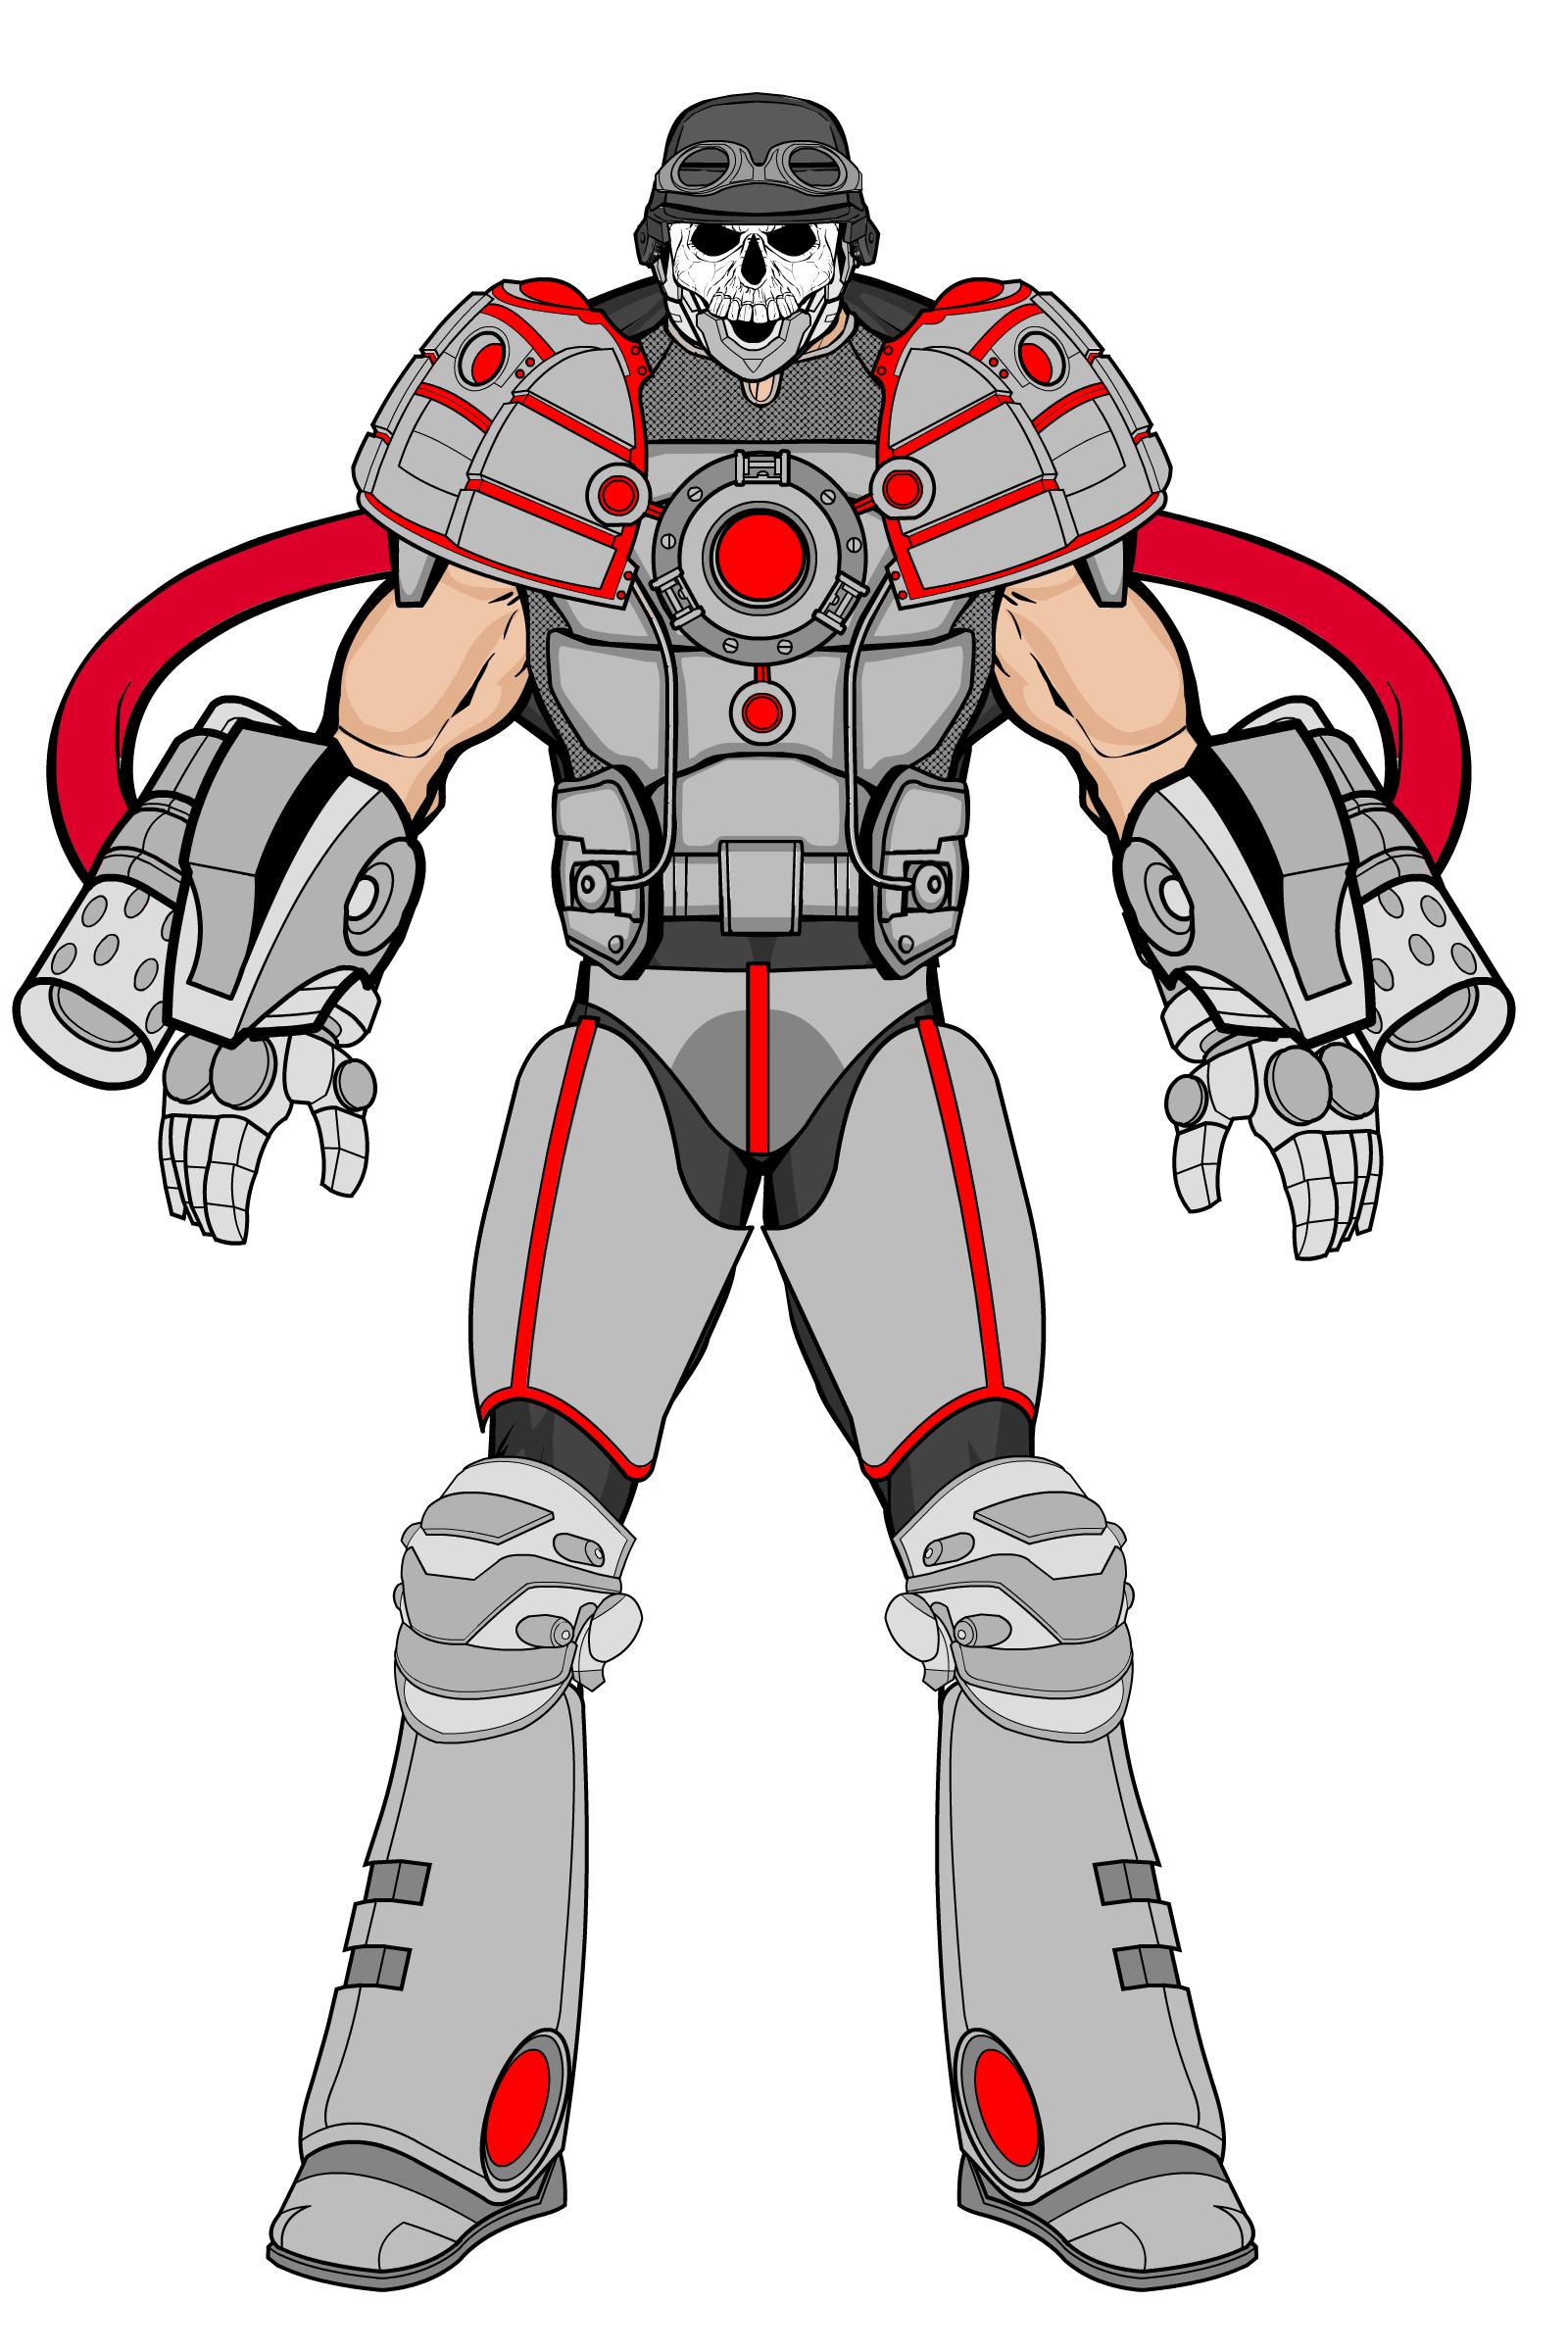 http://www.heromachine.com/wp-content/legacy/forum-image-uploads/jr19759/2012/10/Solaria-Villain.png